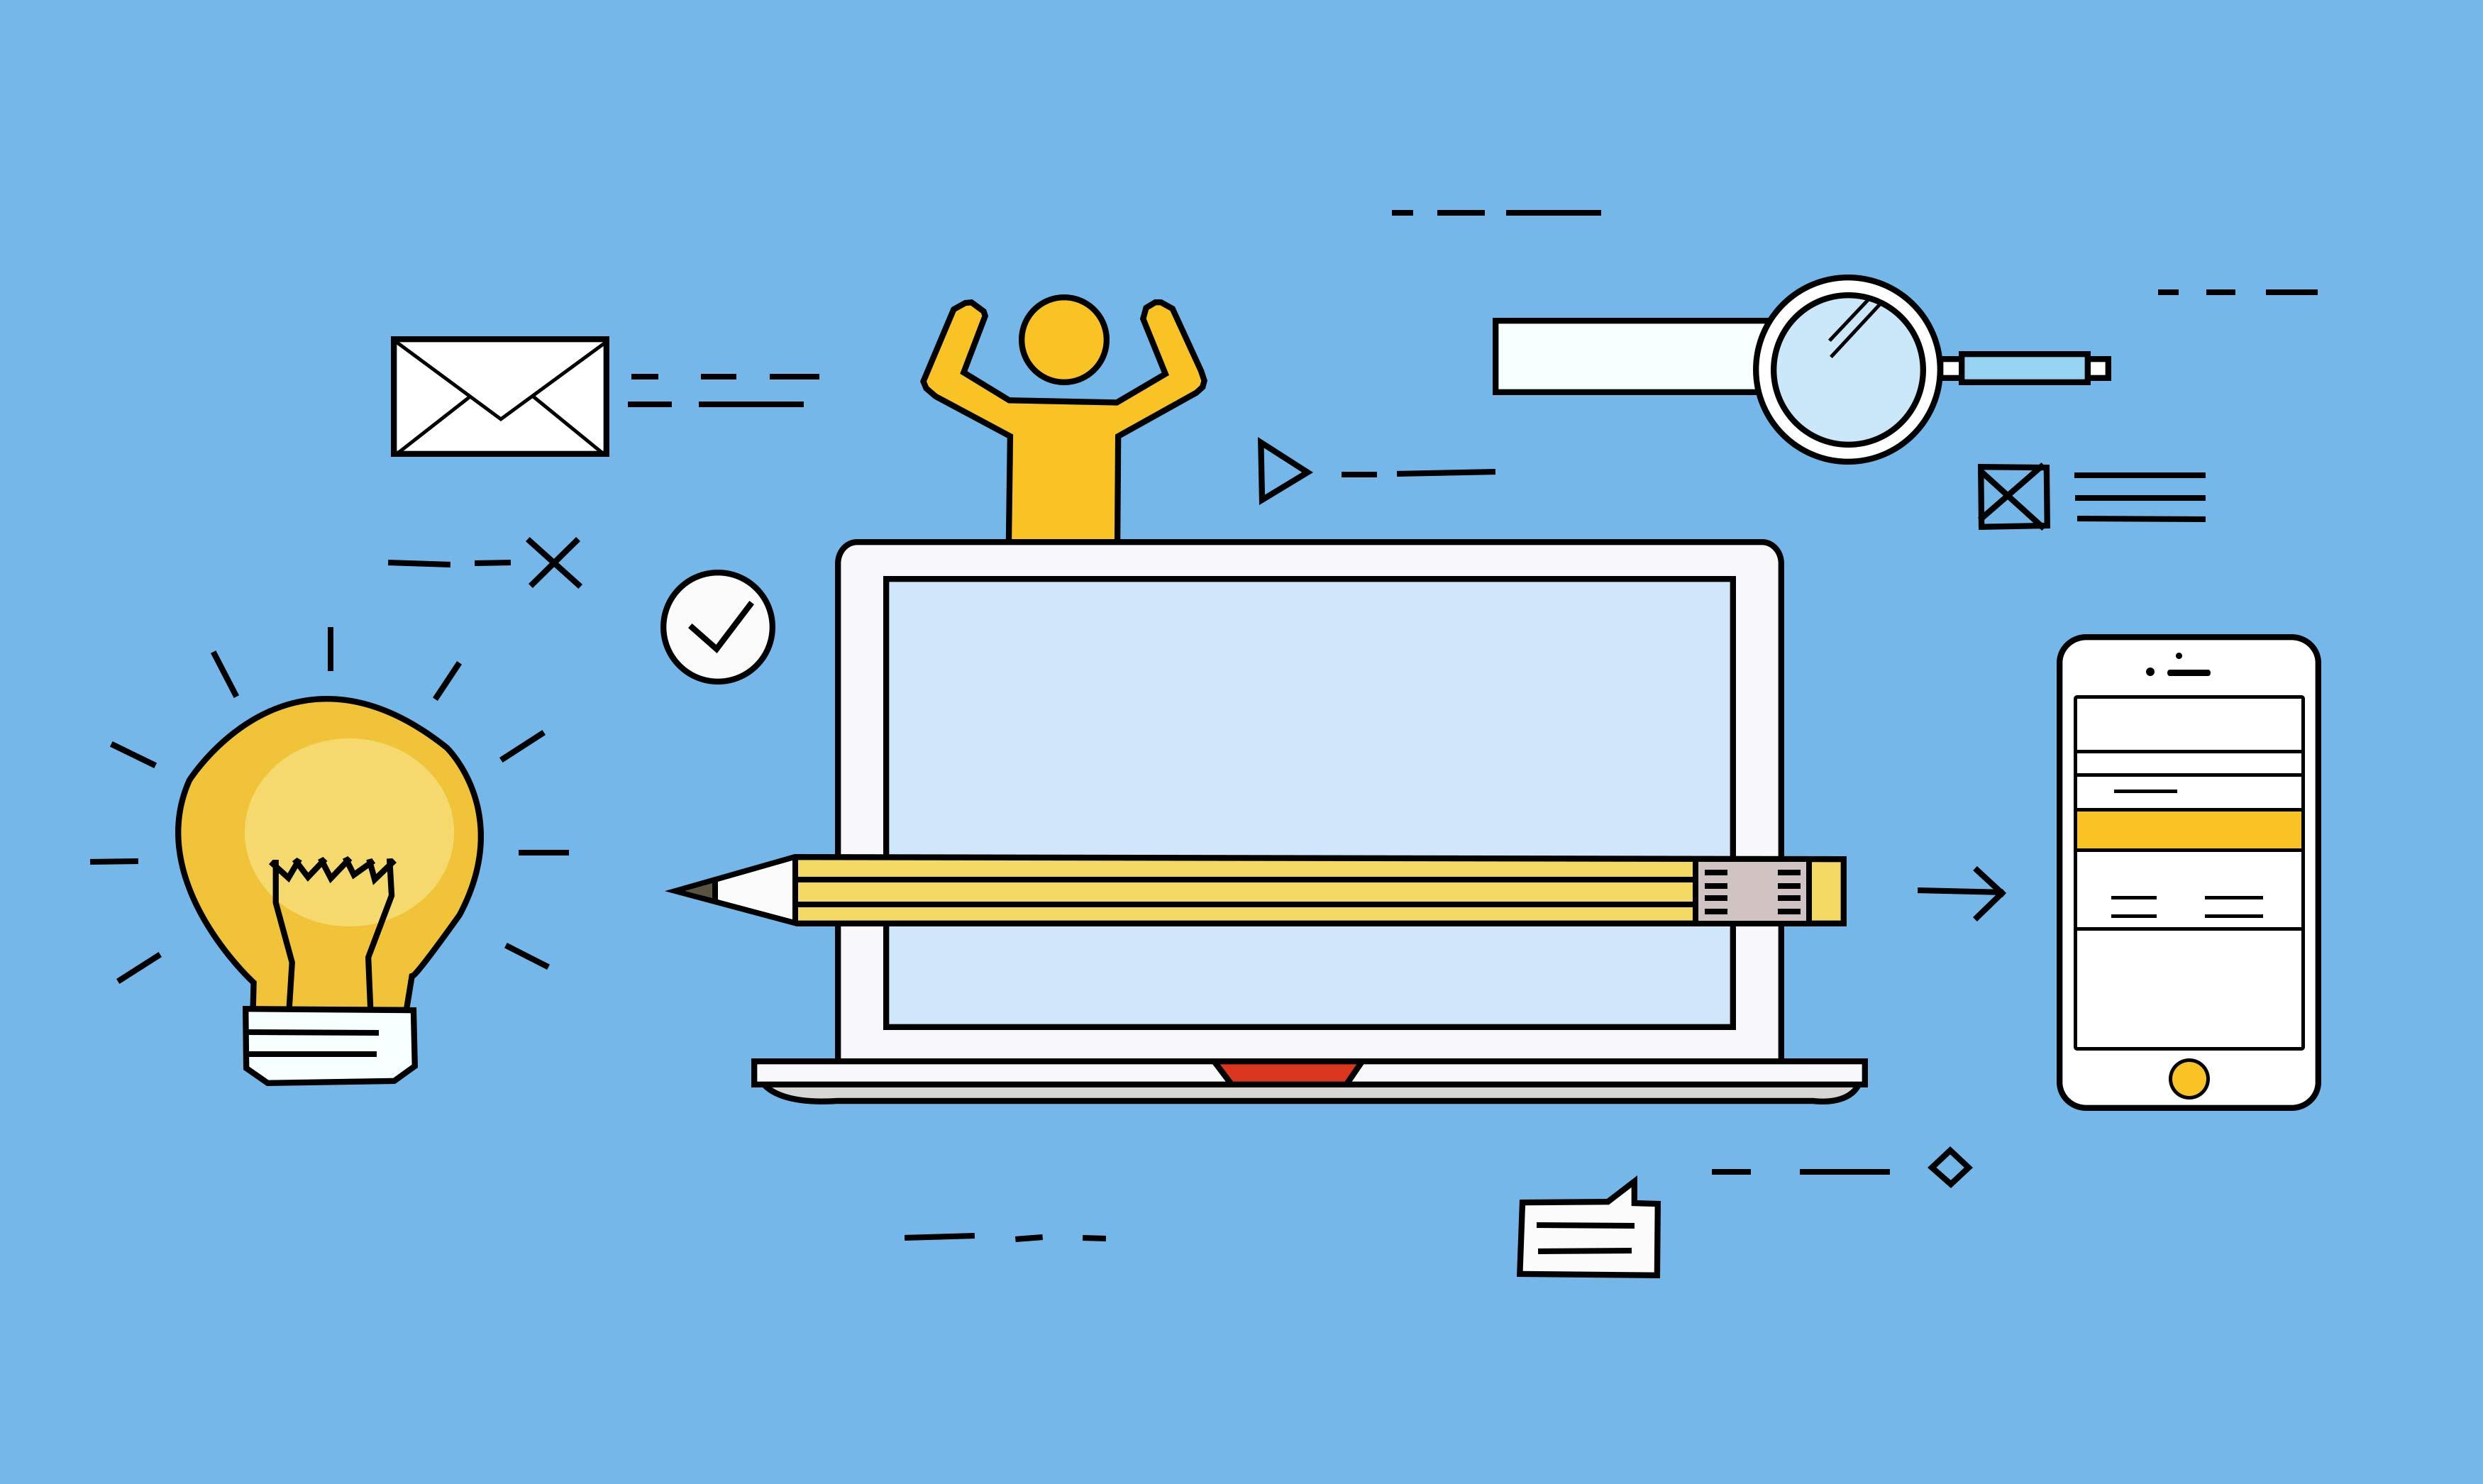 网站建设哪些体验会让用户反感